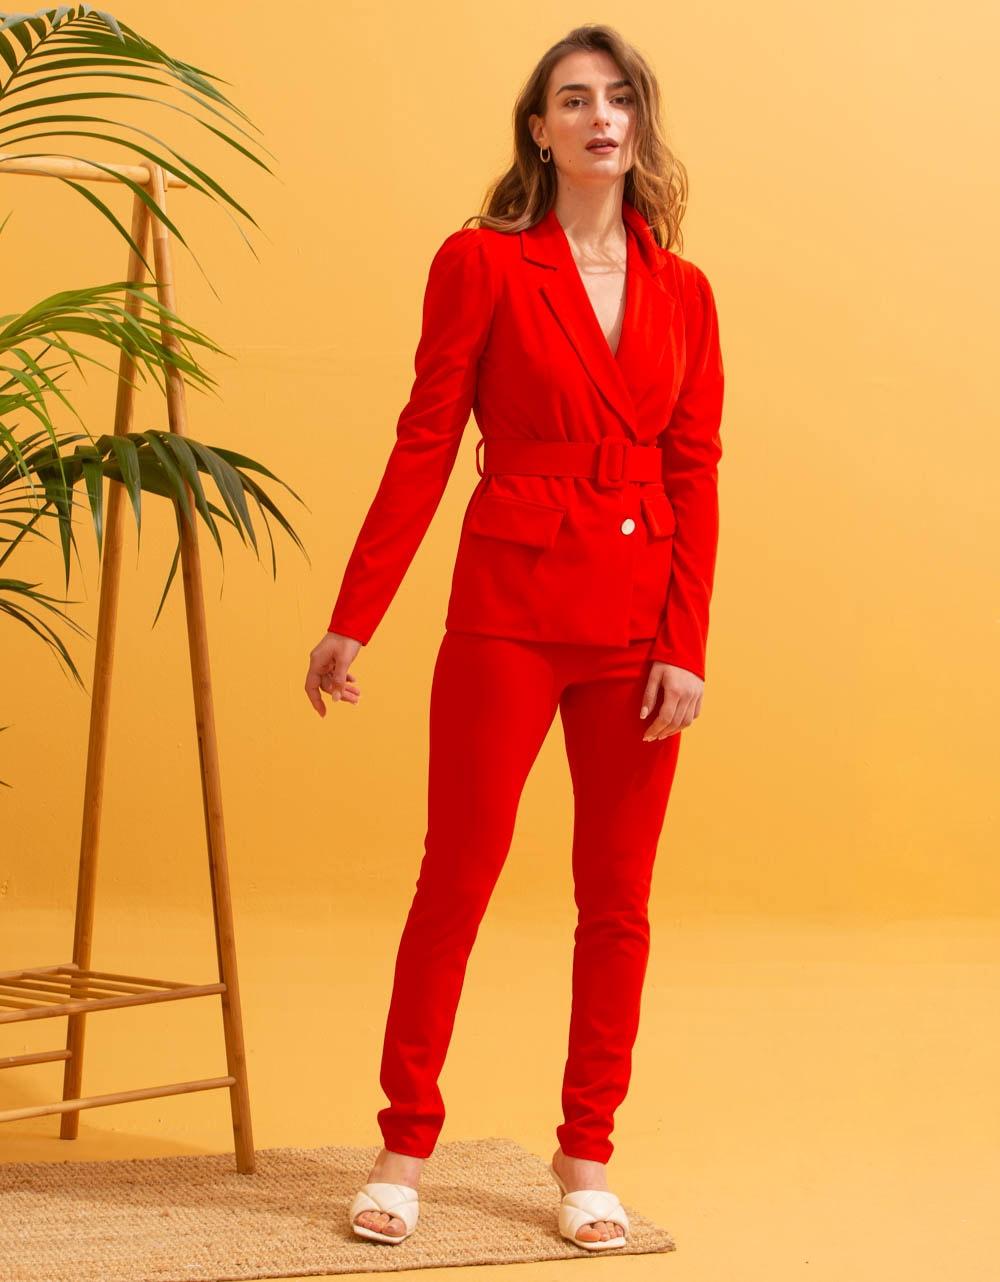 Εικόνα από  Γυναικεία σετ ρούχων παντελόνι & σακάκι Κόκκινο